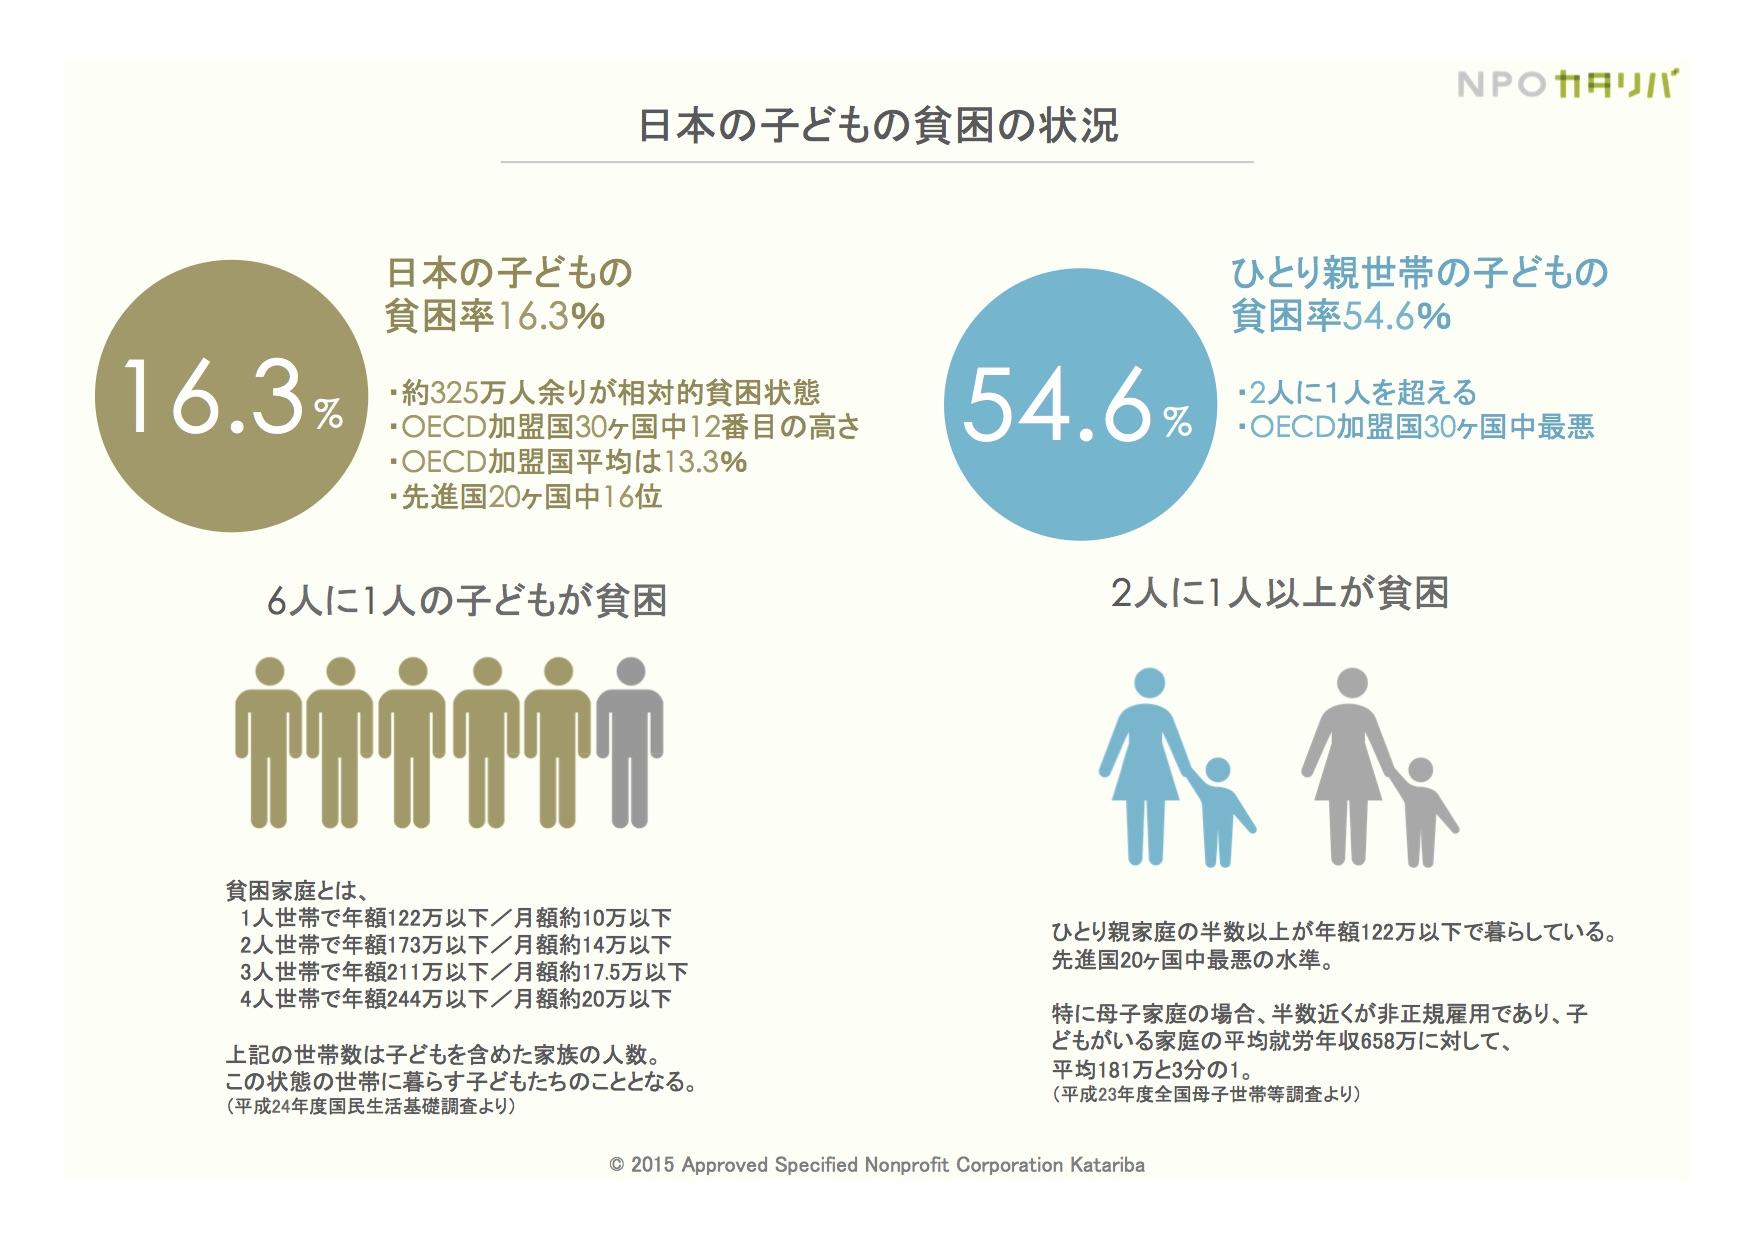 「子どもの貧困」という重い課題